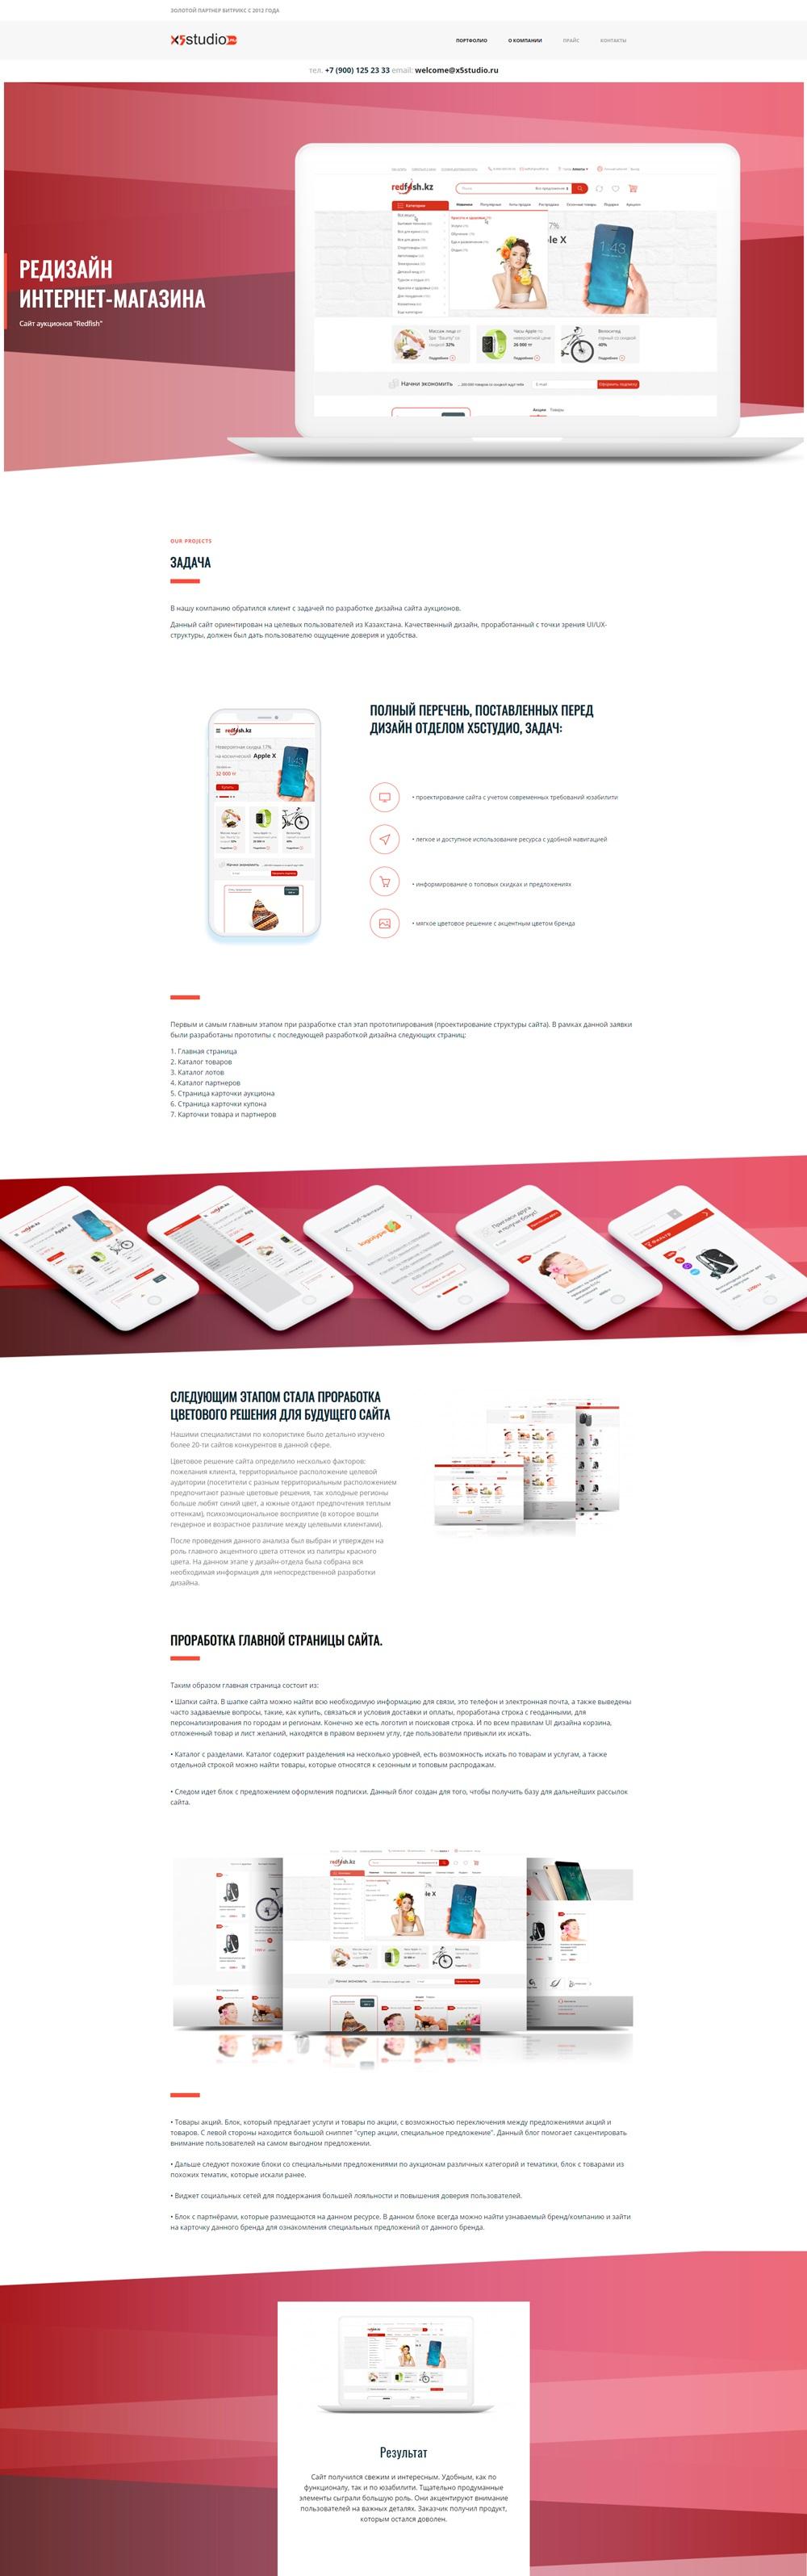 Редфиш - Разработка дизайна для сайта аукционов